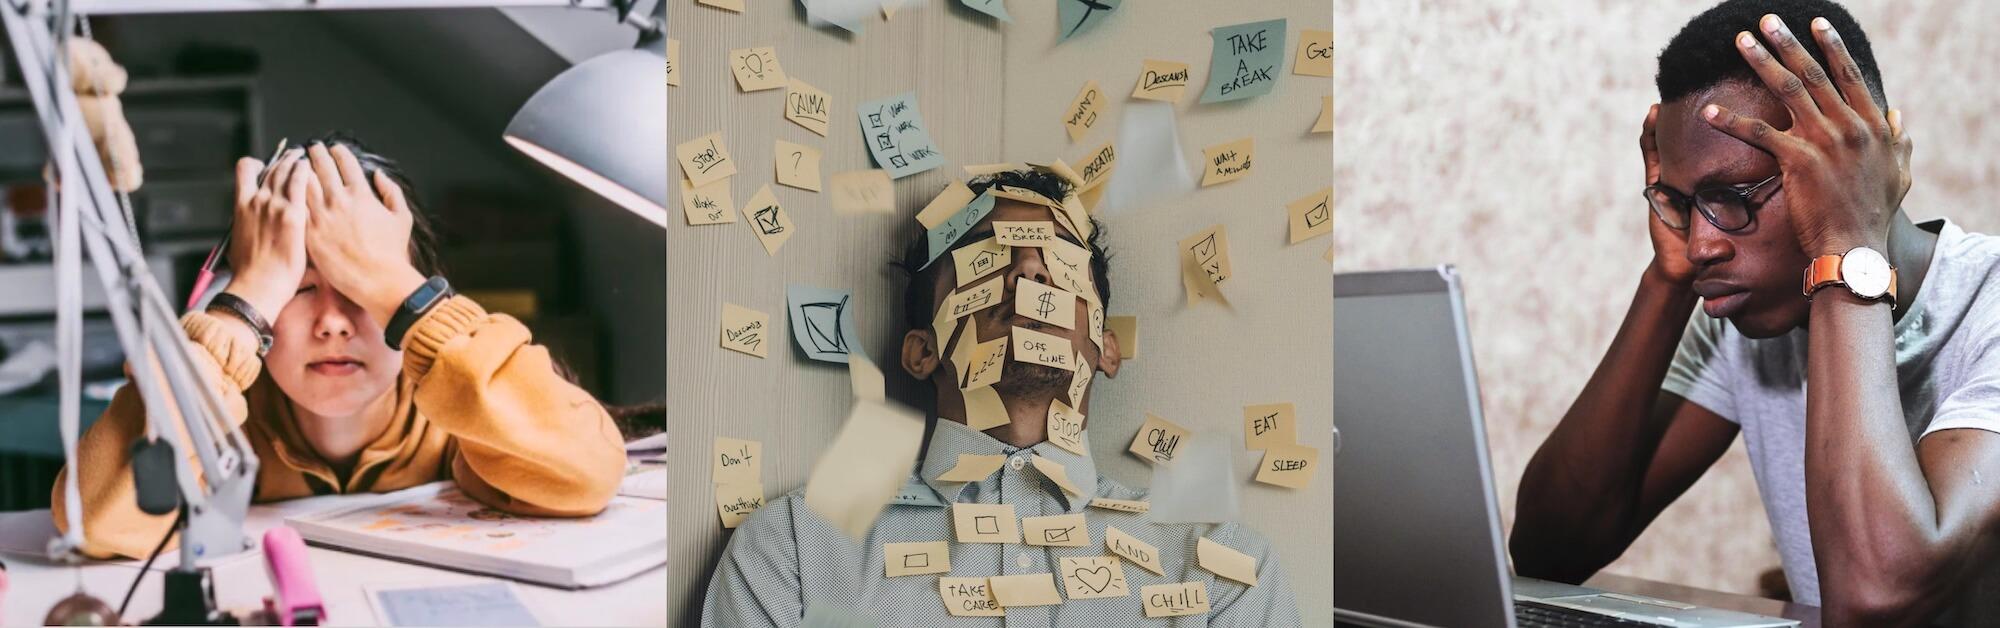 Montage av stressade personer